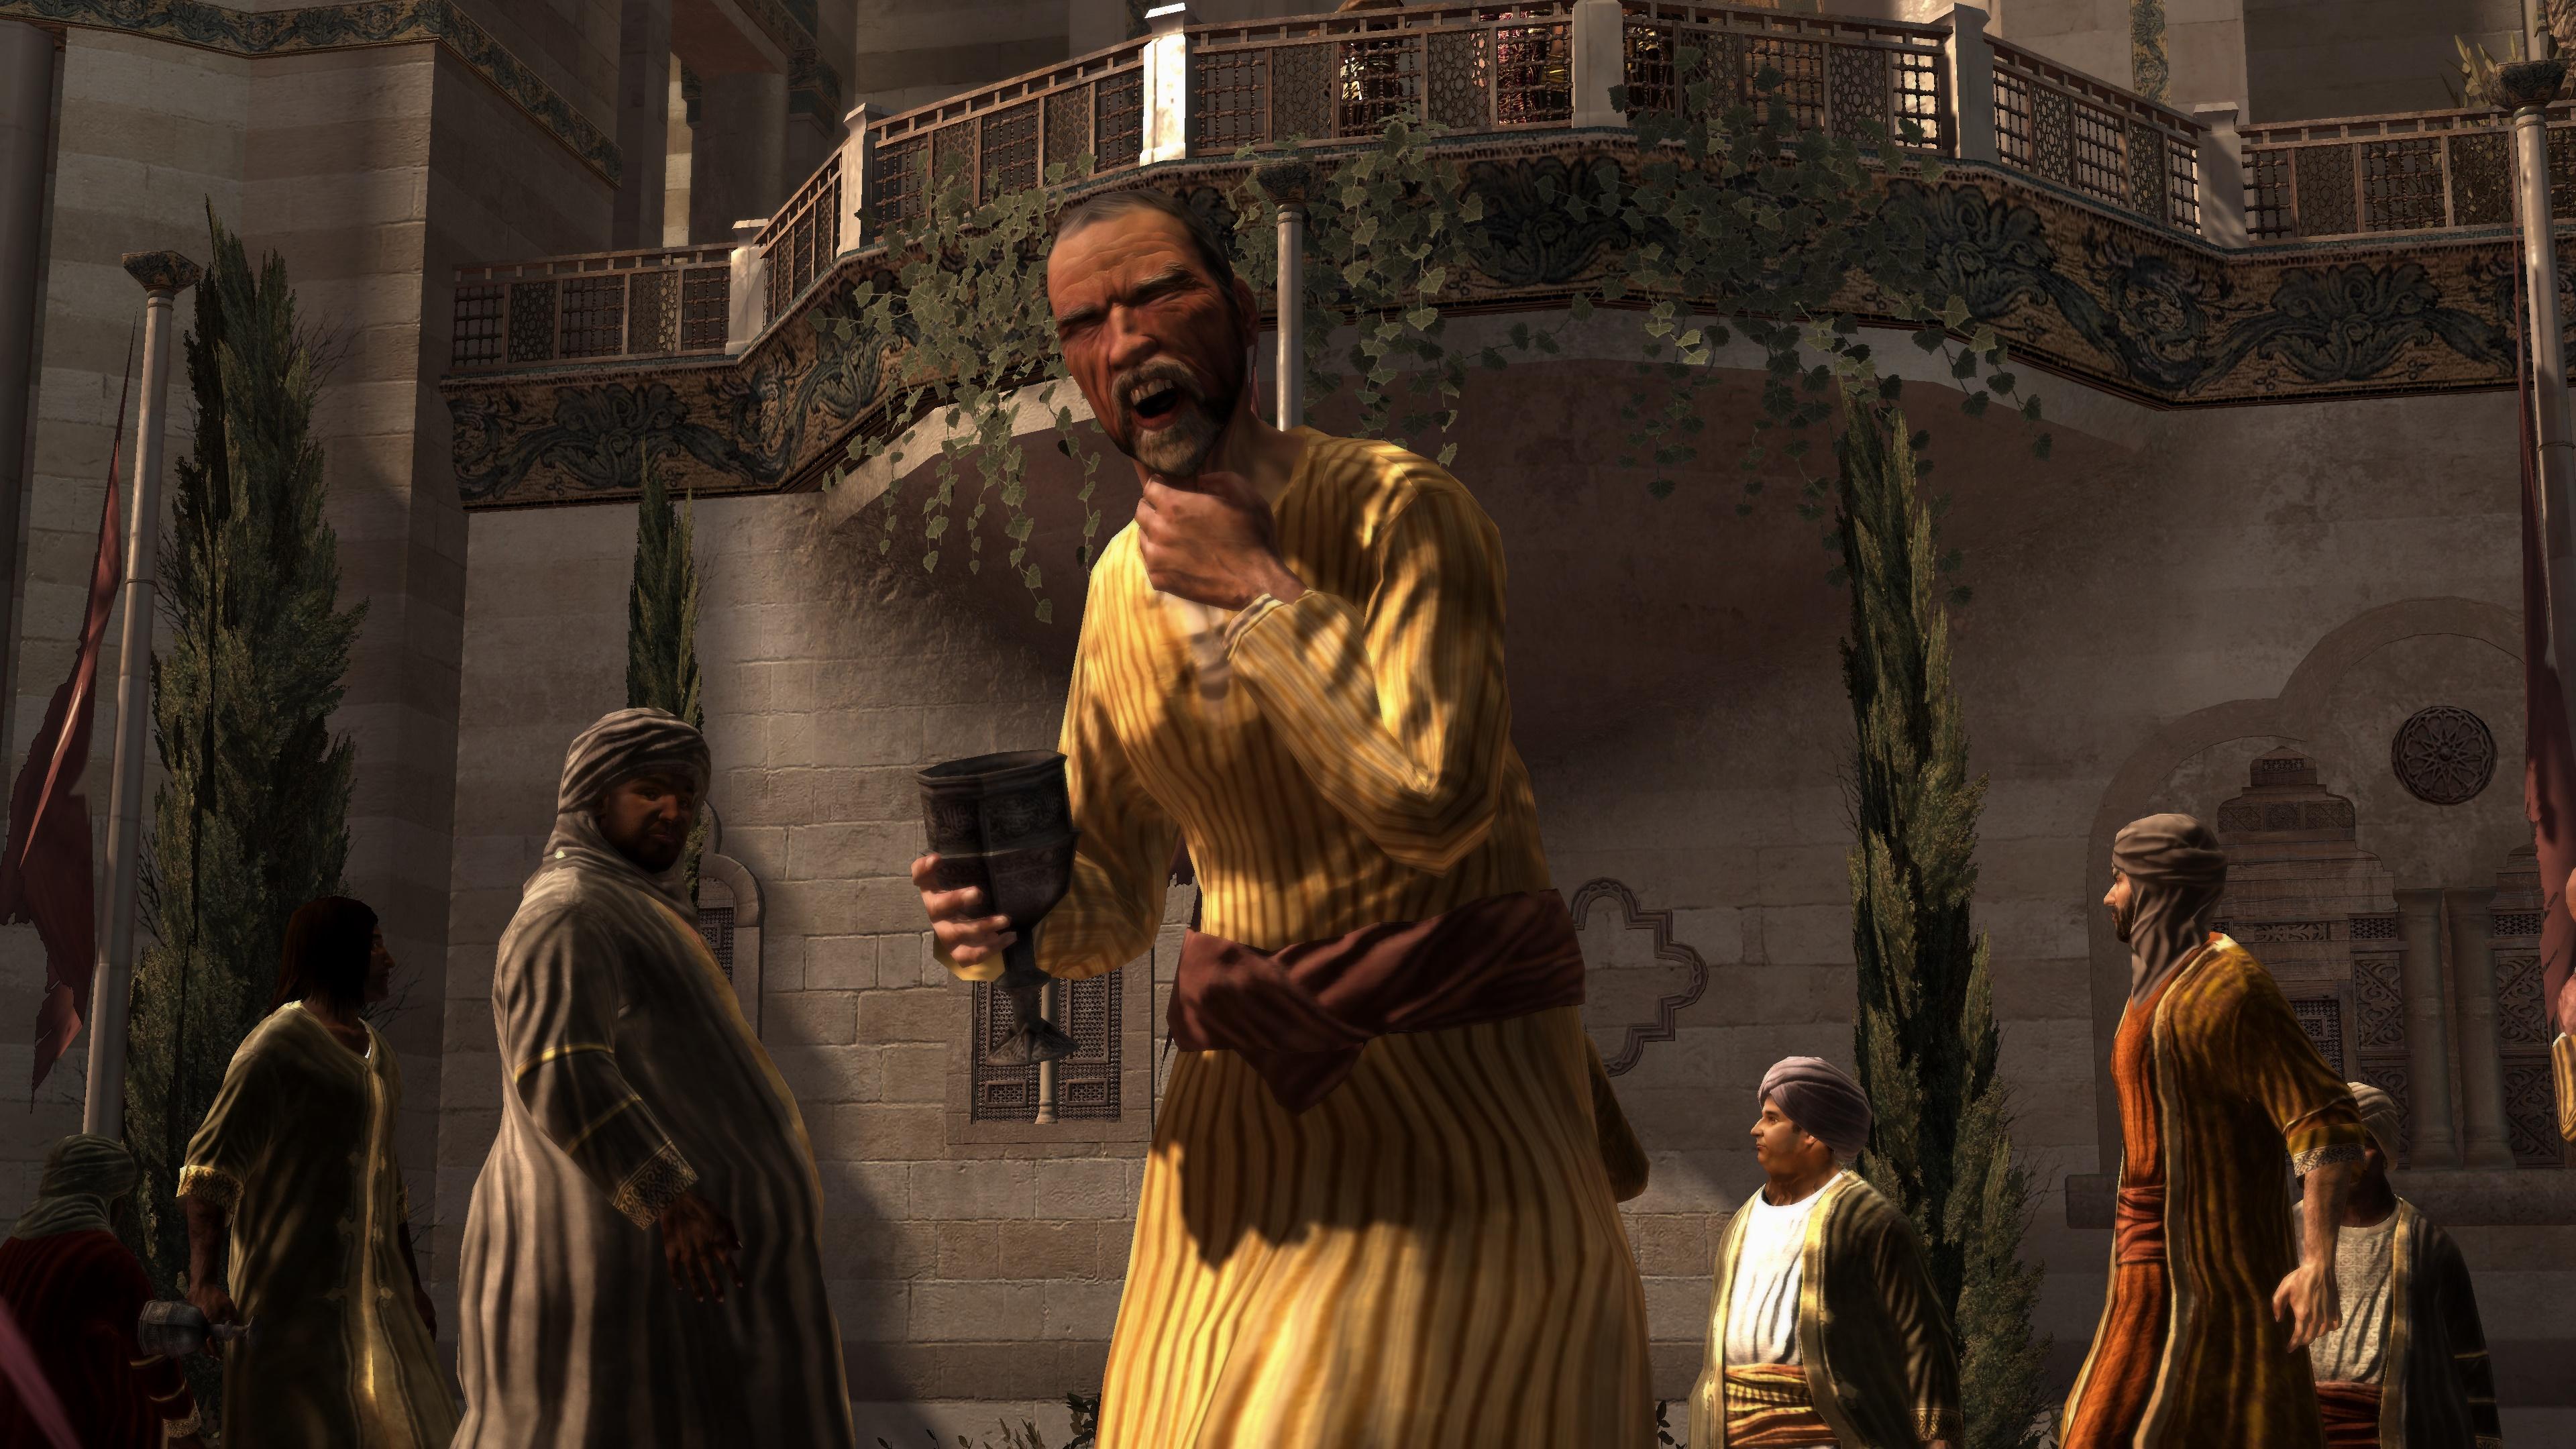 AssassinsCreed_Dx10 2020-02-12 19-25-29-277.jpg - Assassin's Creed